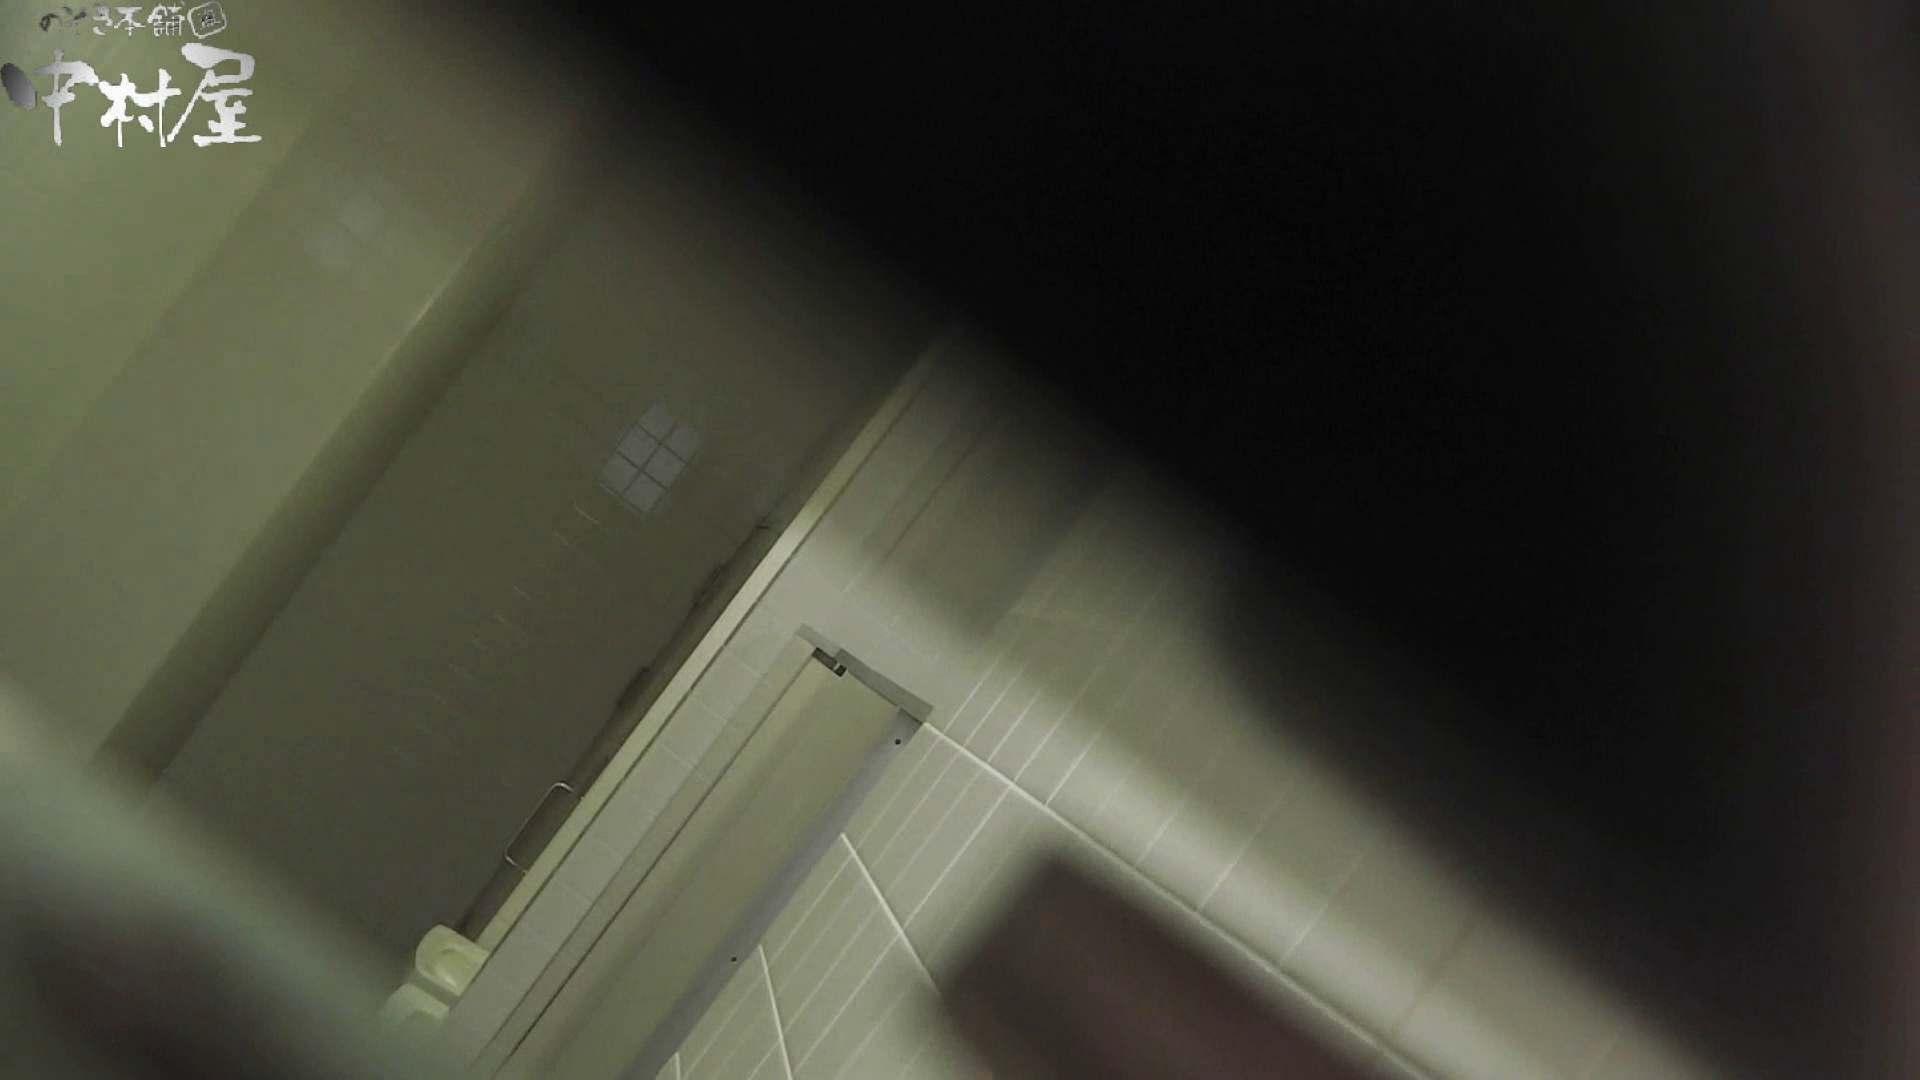 【お銀さんの「洗面所突入レポート!!」】お銀さんの「洗面所突入レポート!!」 vol.28小島陽菜似のピンクオシャレさん 洗面所編  94PIX 74